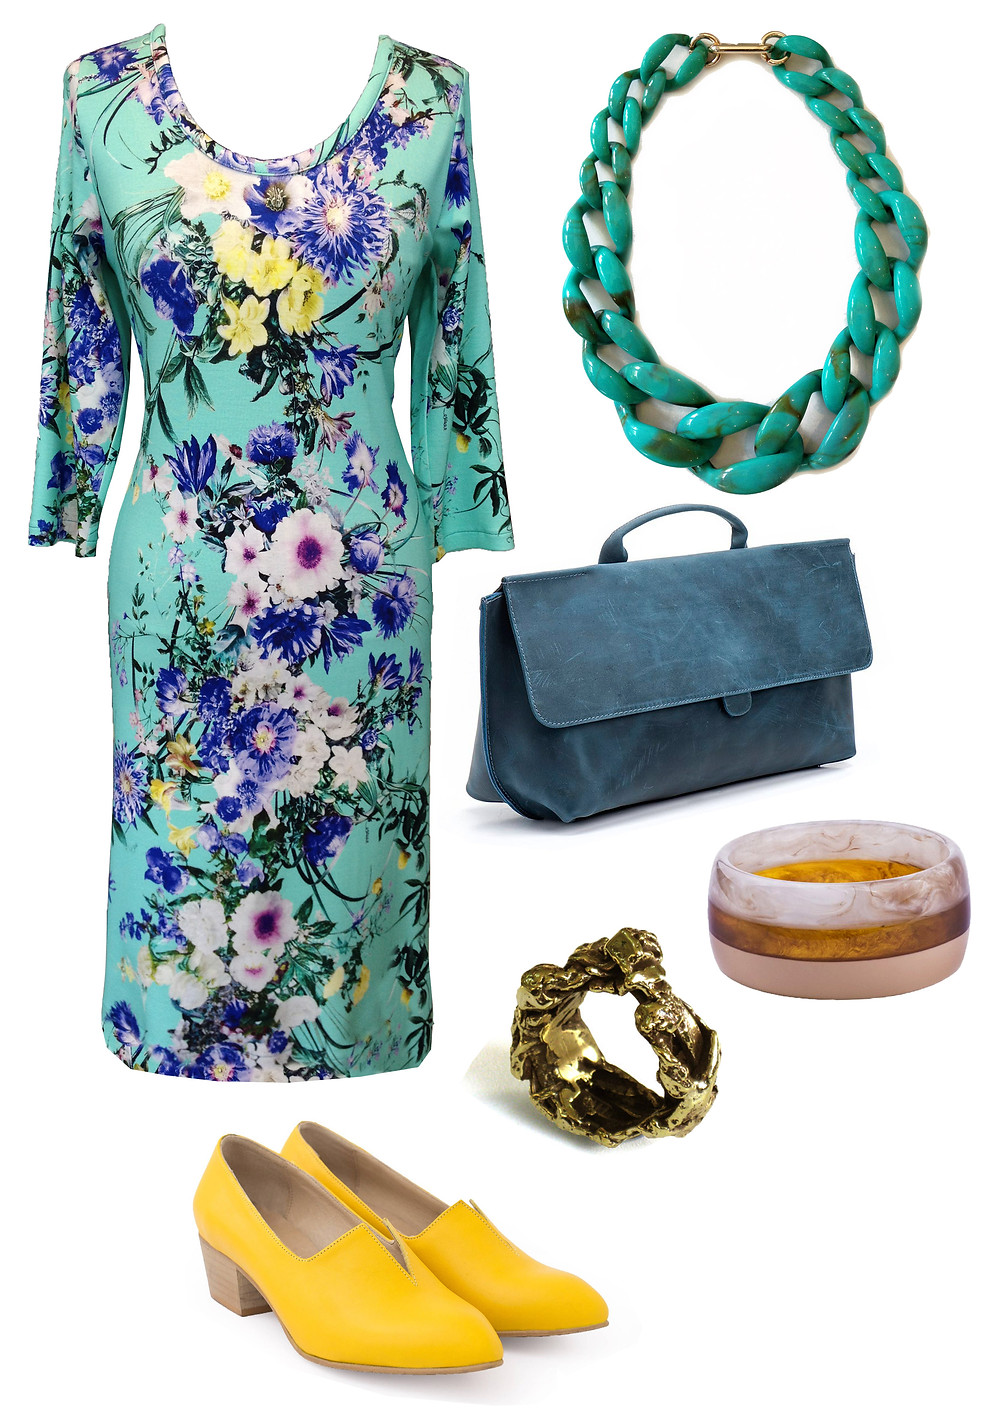 שמלת חורפית פרחונית מנטה